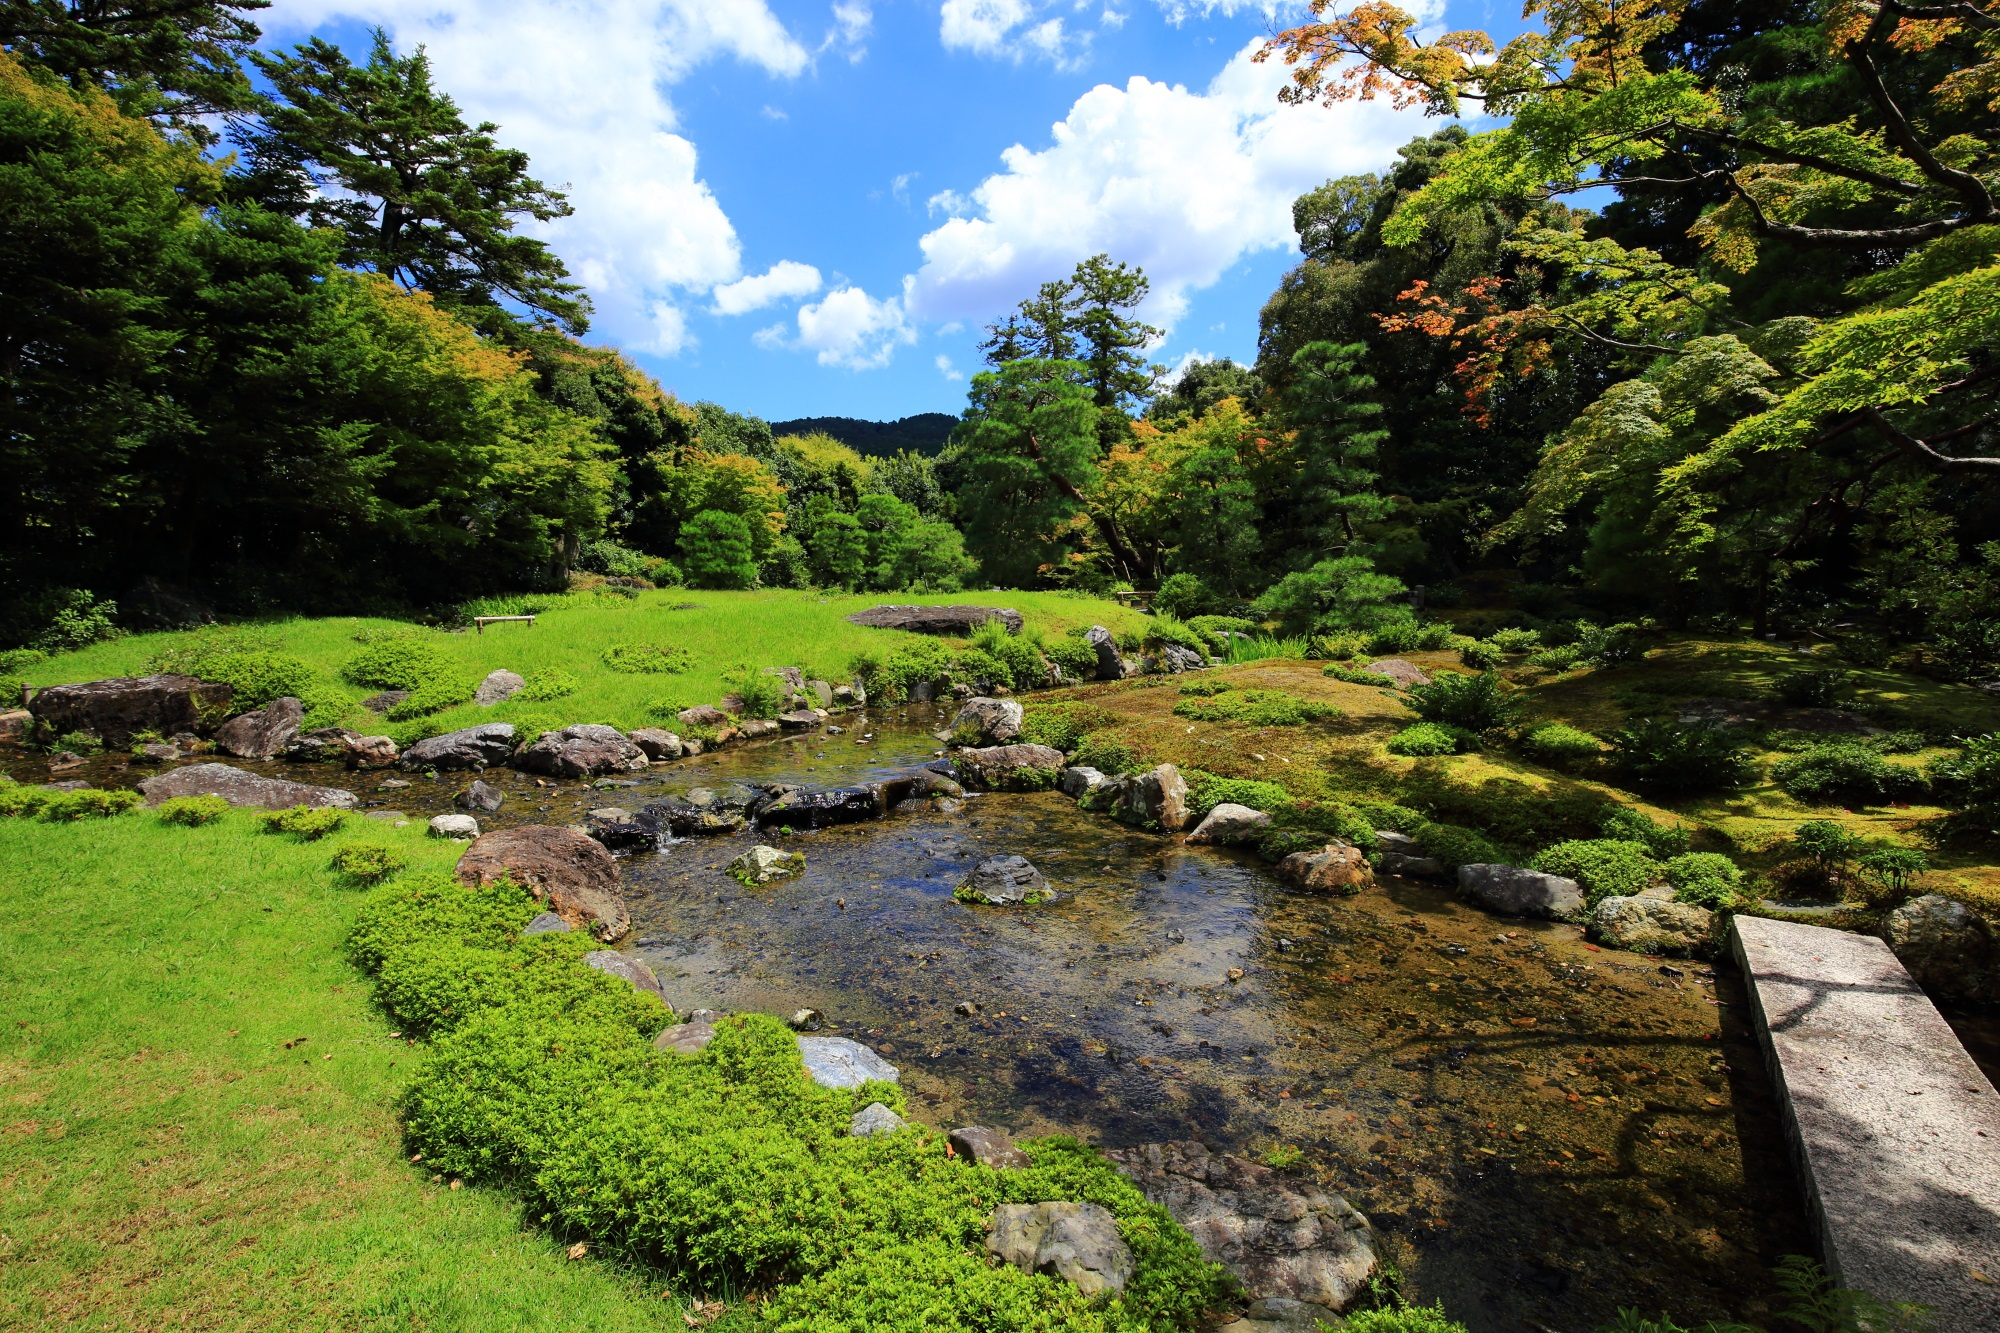 無鄰菴(むりんあん)の美しい池泉回遊式庭園